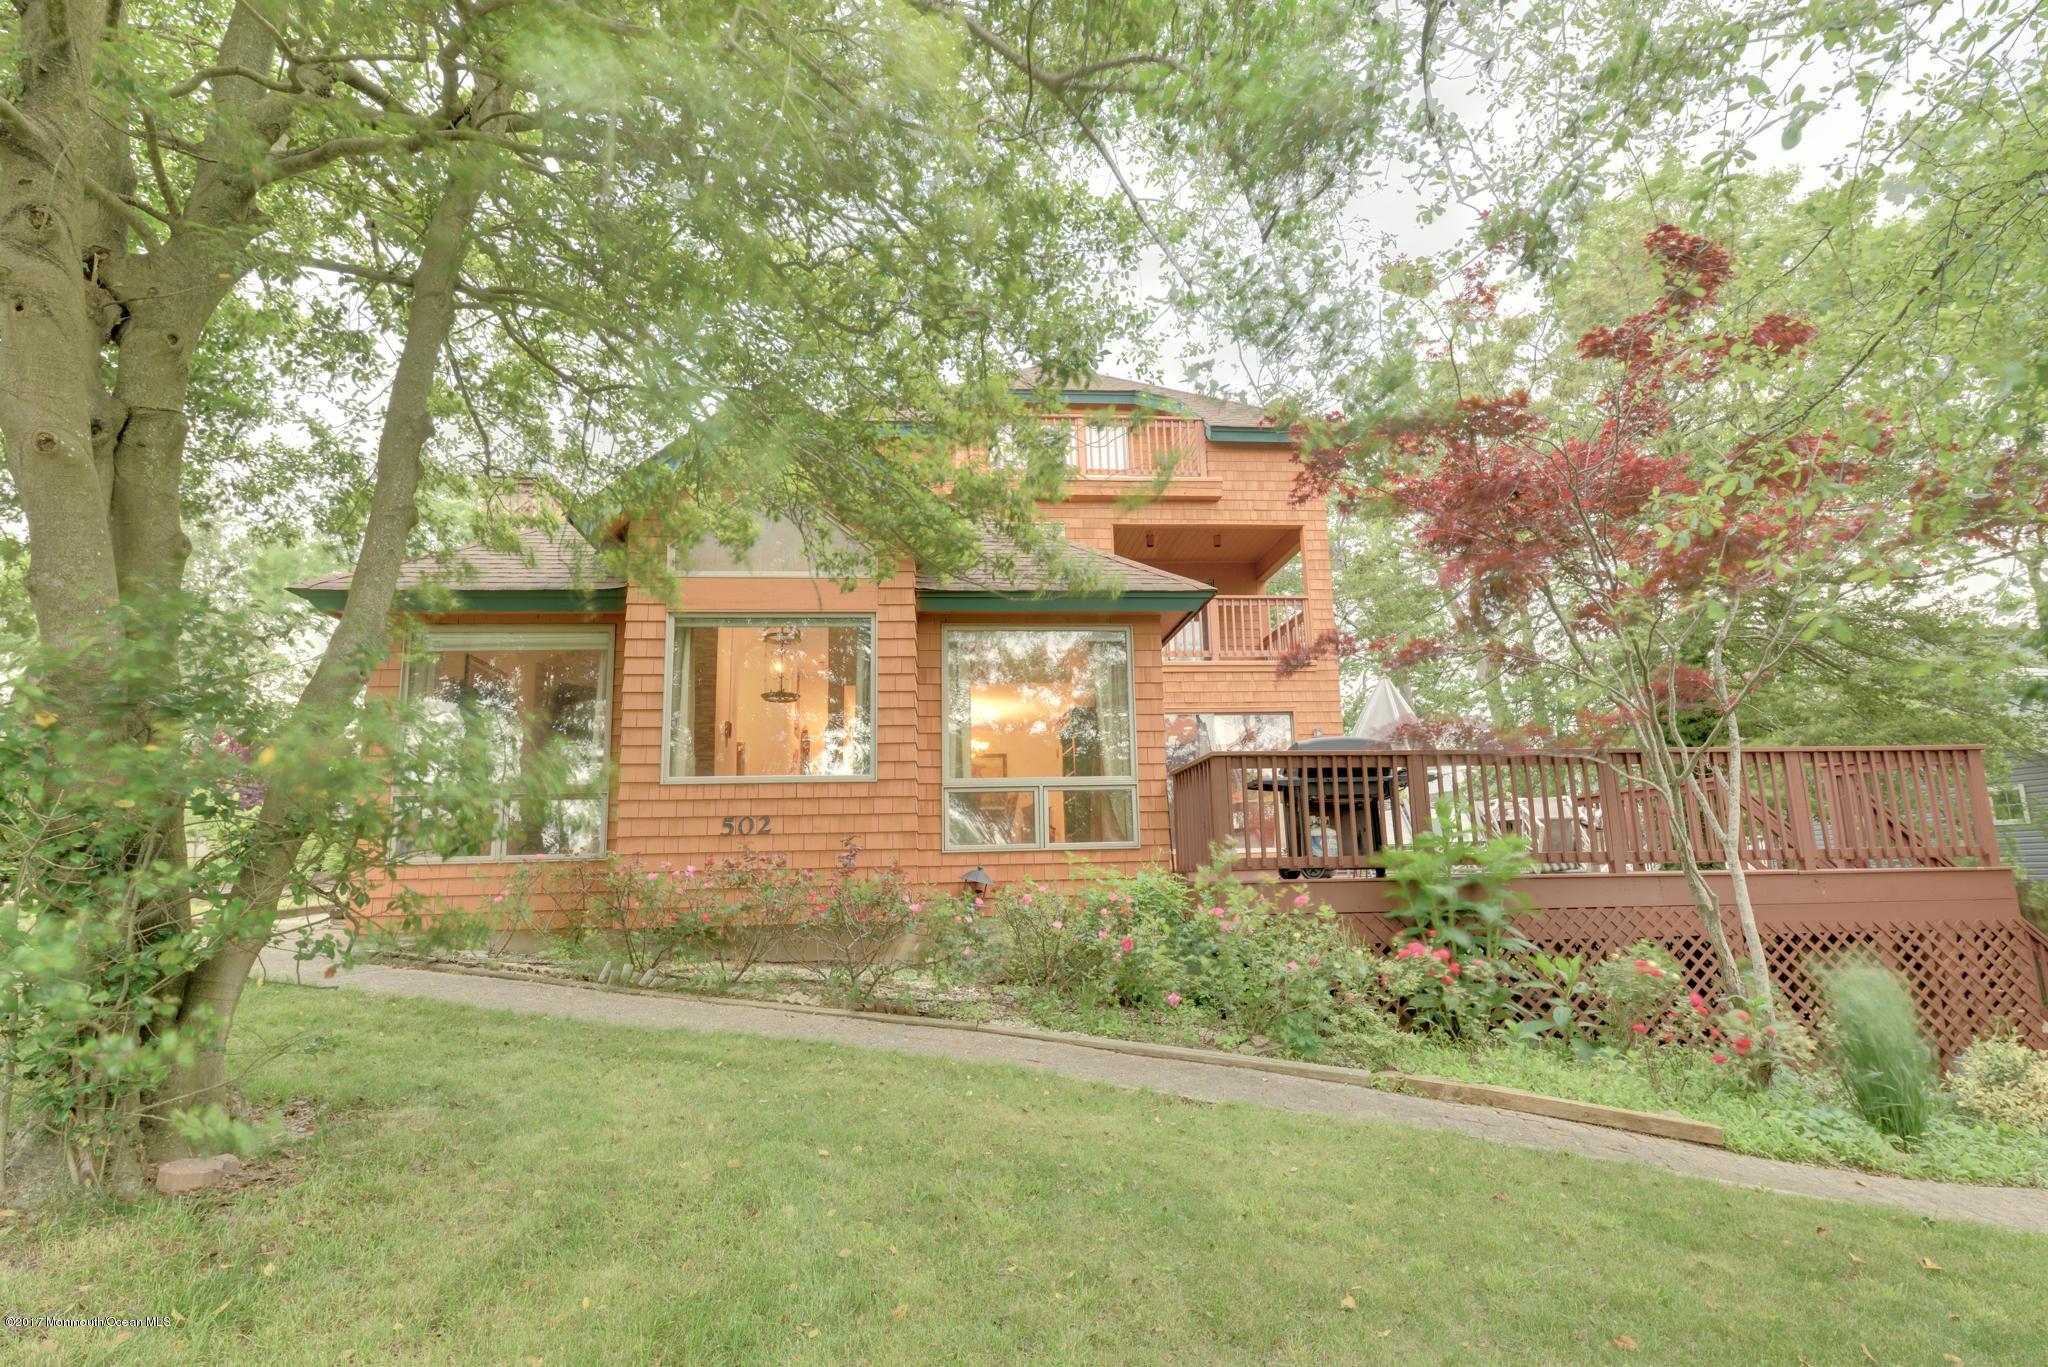 Maison unifamiliale pour l Vente à 502 North Boulevard Lake Como, New Jersey 07719 États-Unis